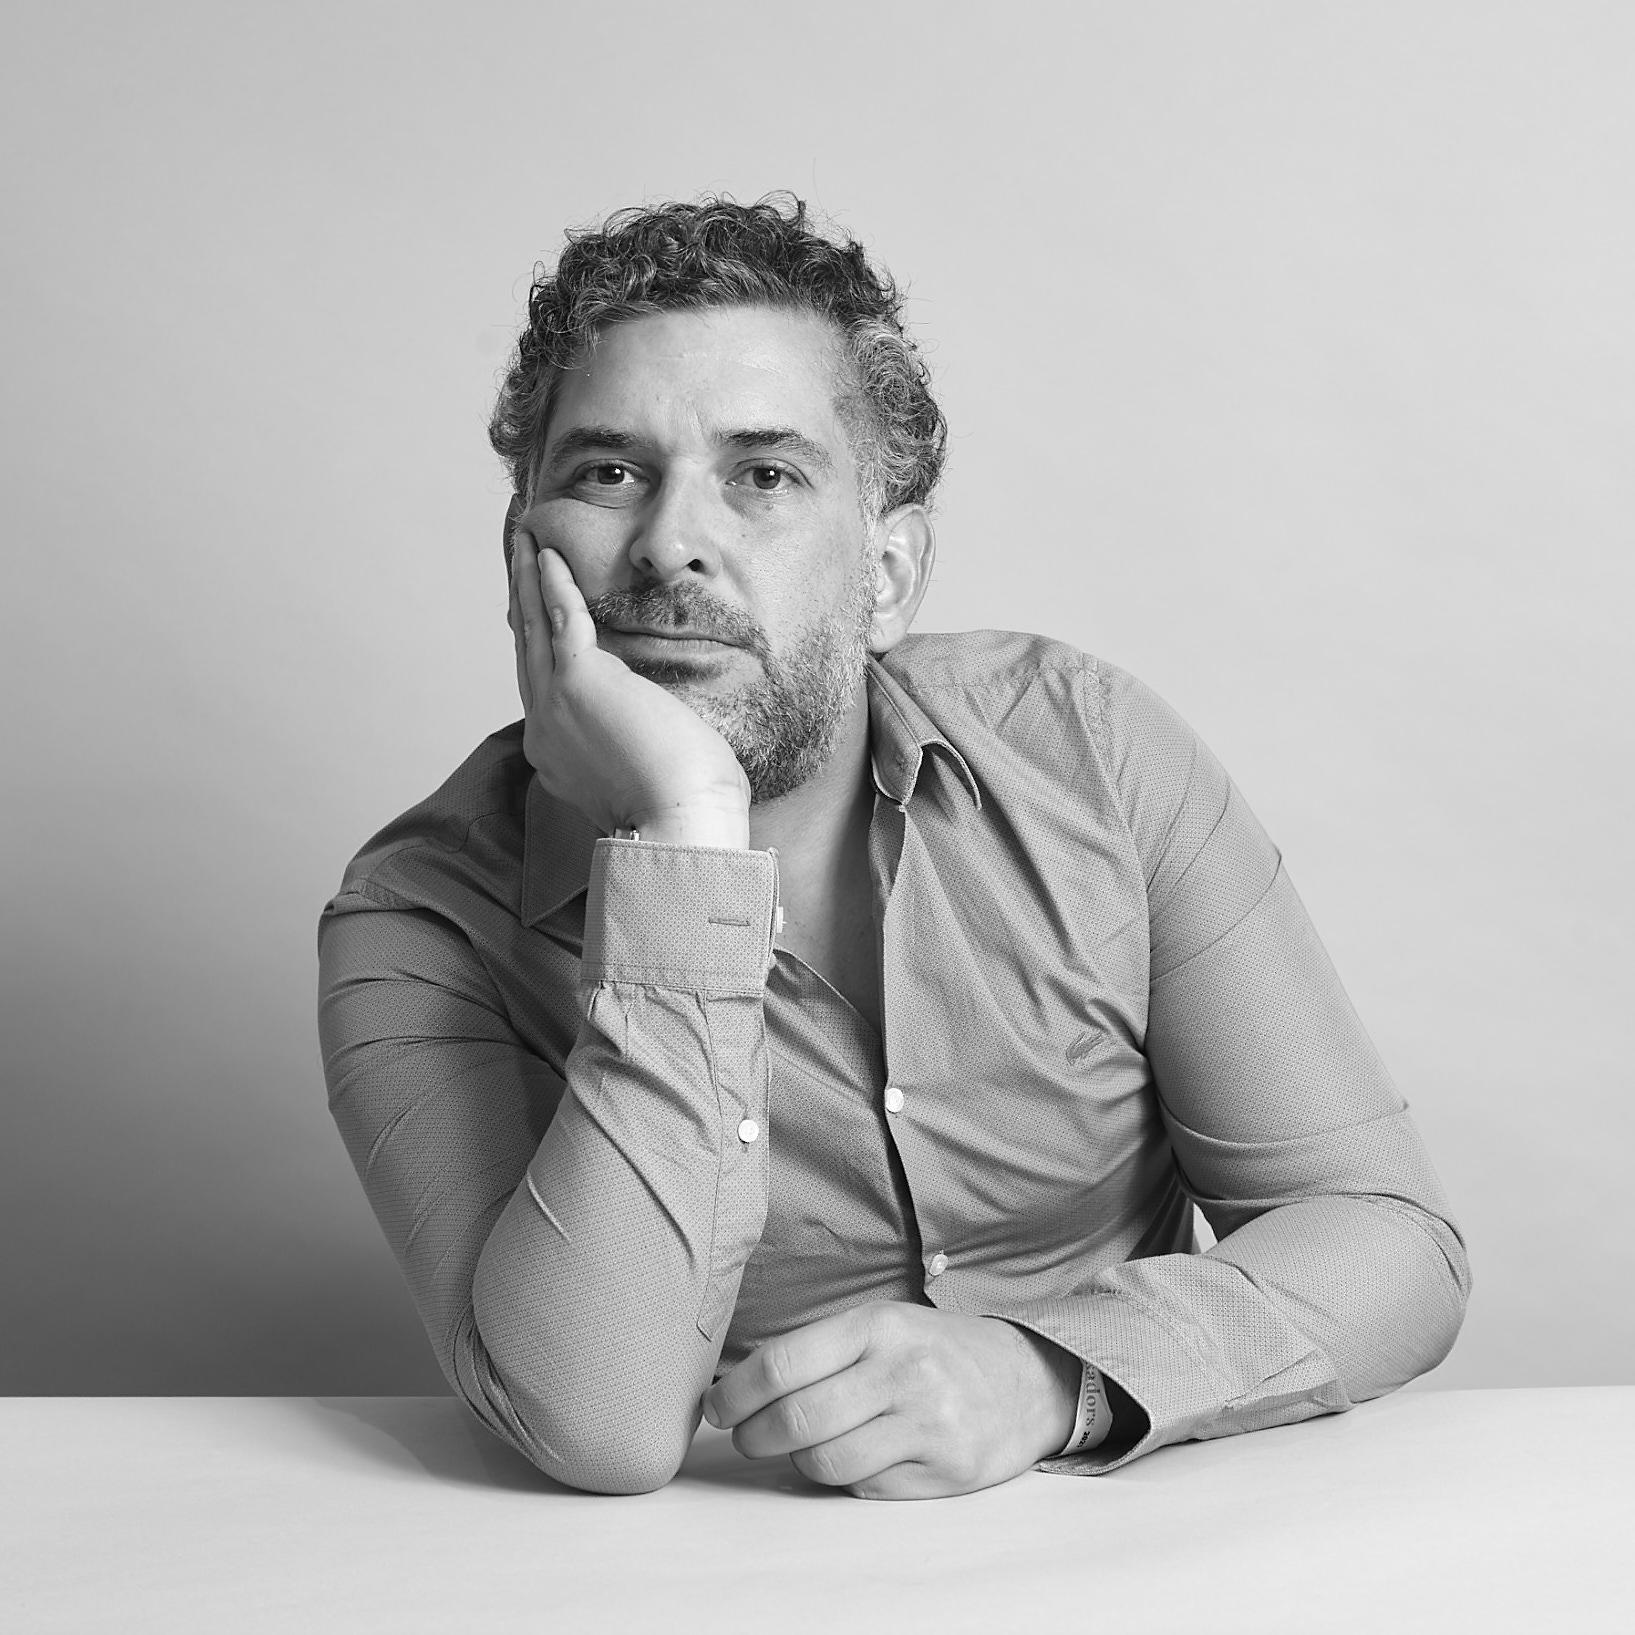 Juan Pablo Ruiz